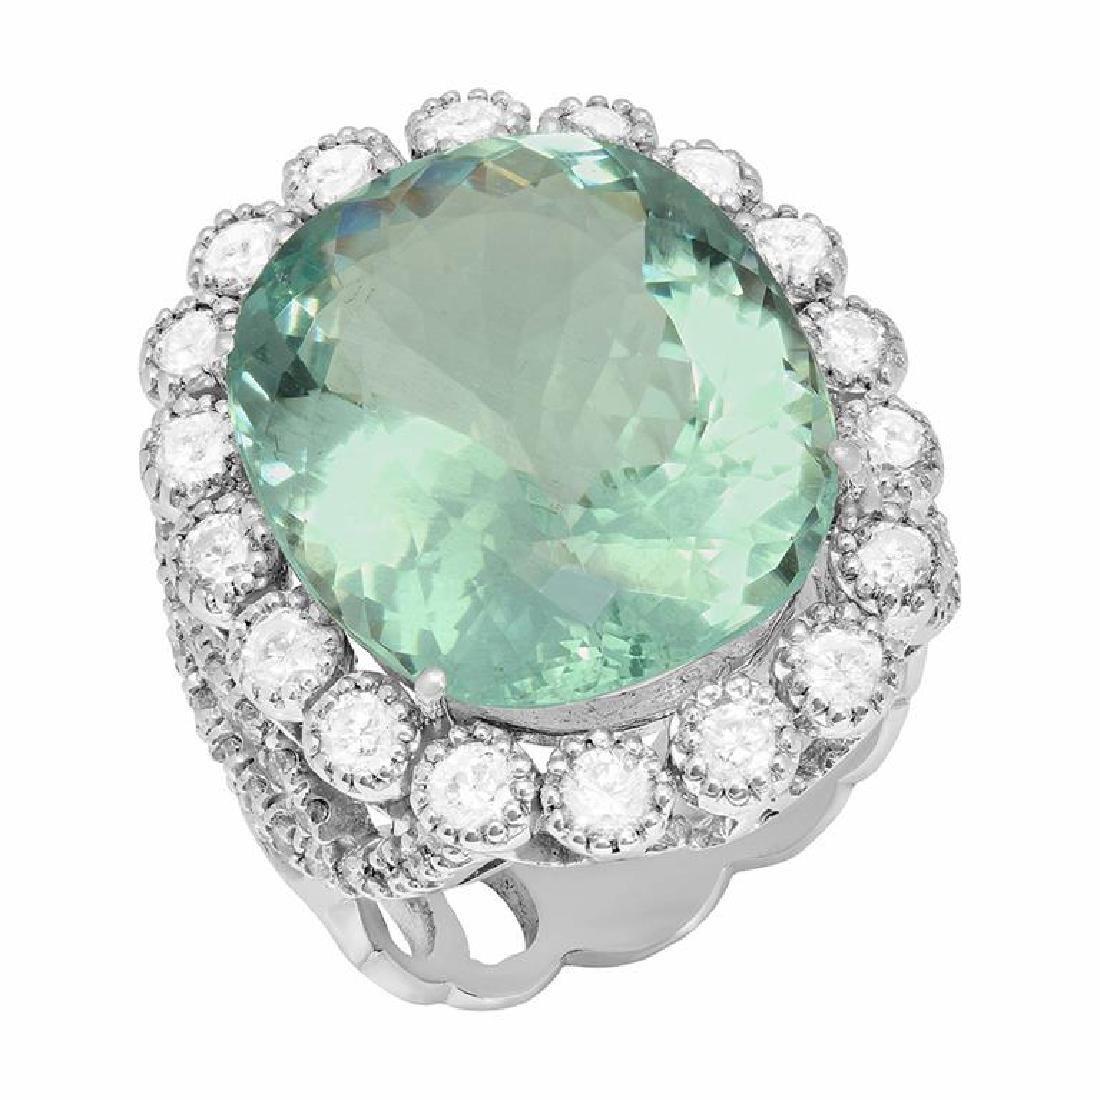 14k White Gold 15.96ct Aquamarine 1.85ct Diamond Ring